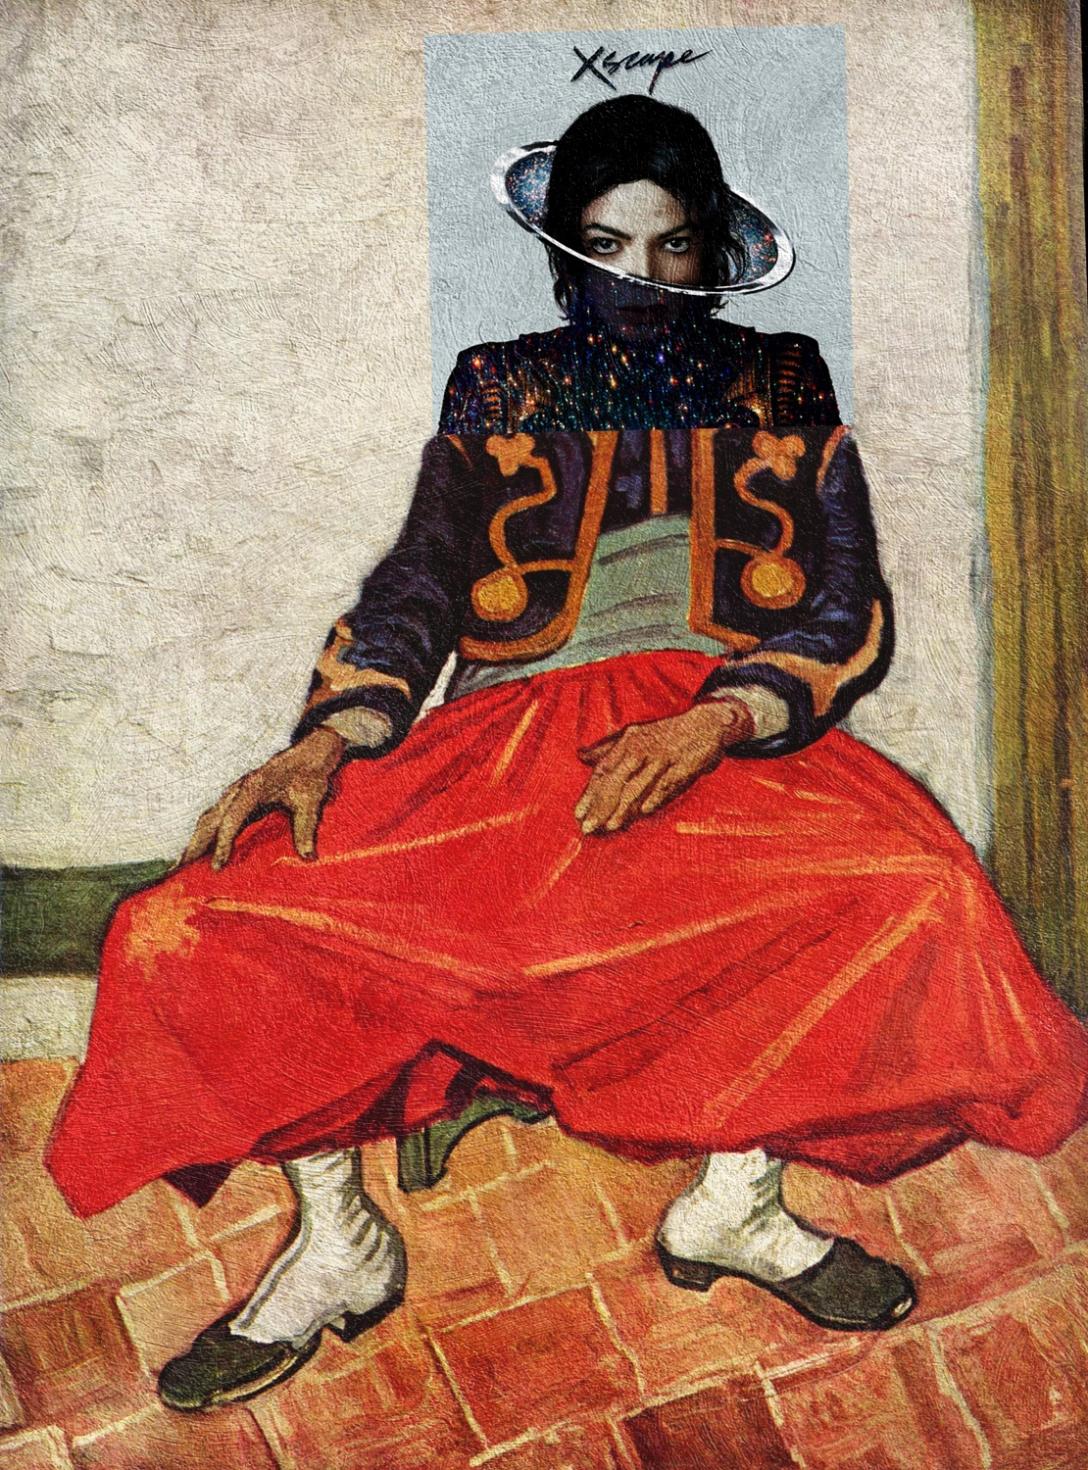 Xscape, Michael Jackson + Żuaw, Vincent van Gogh